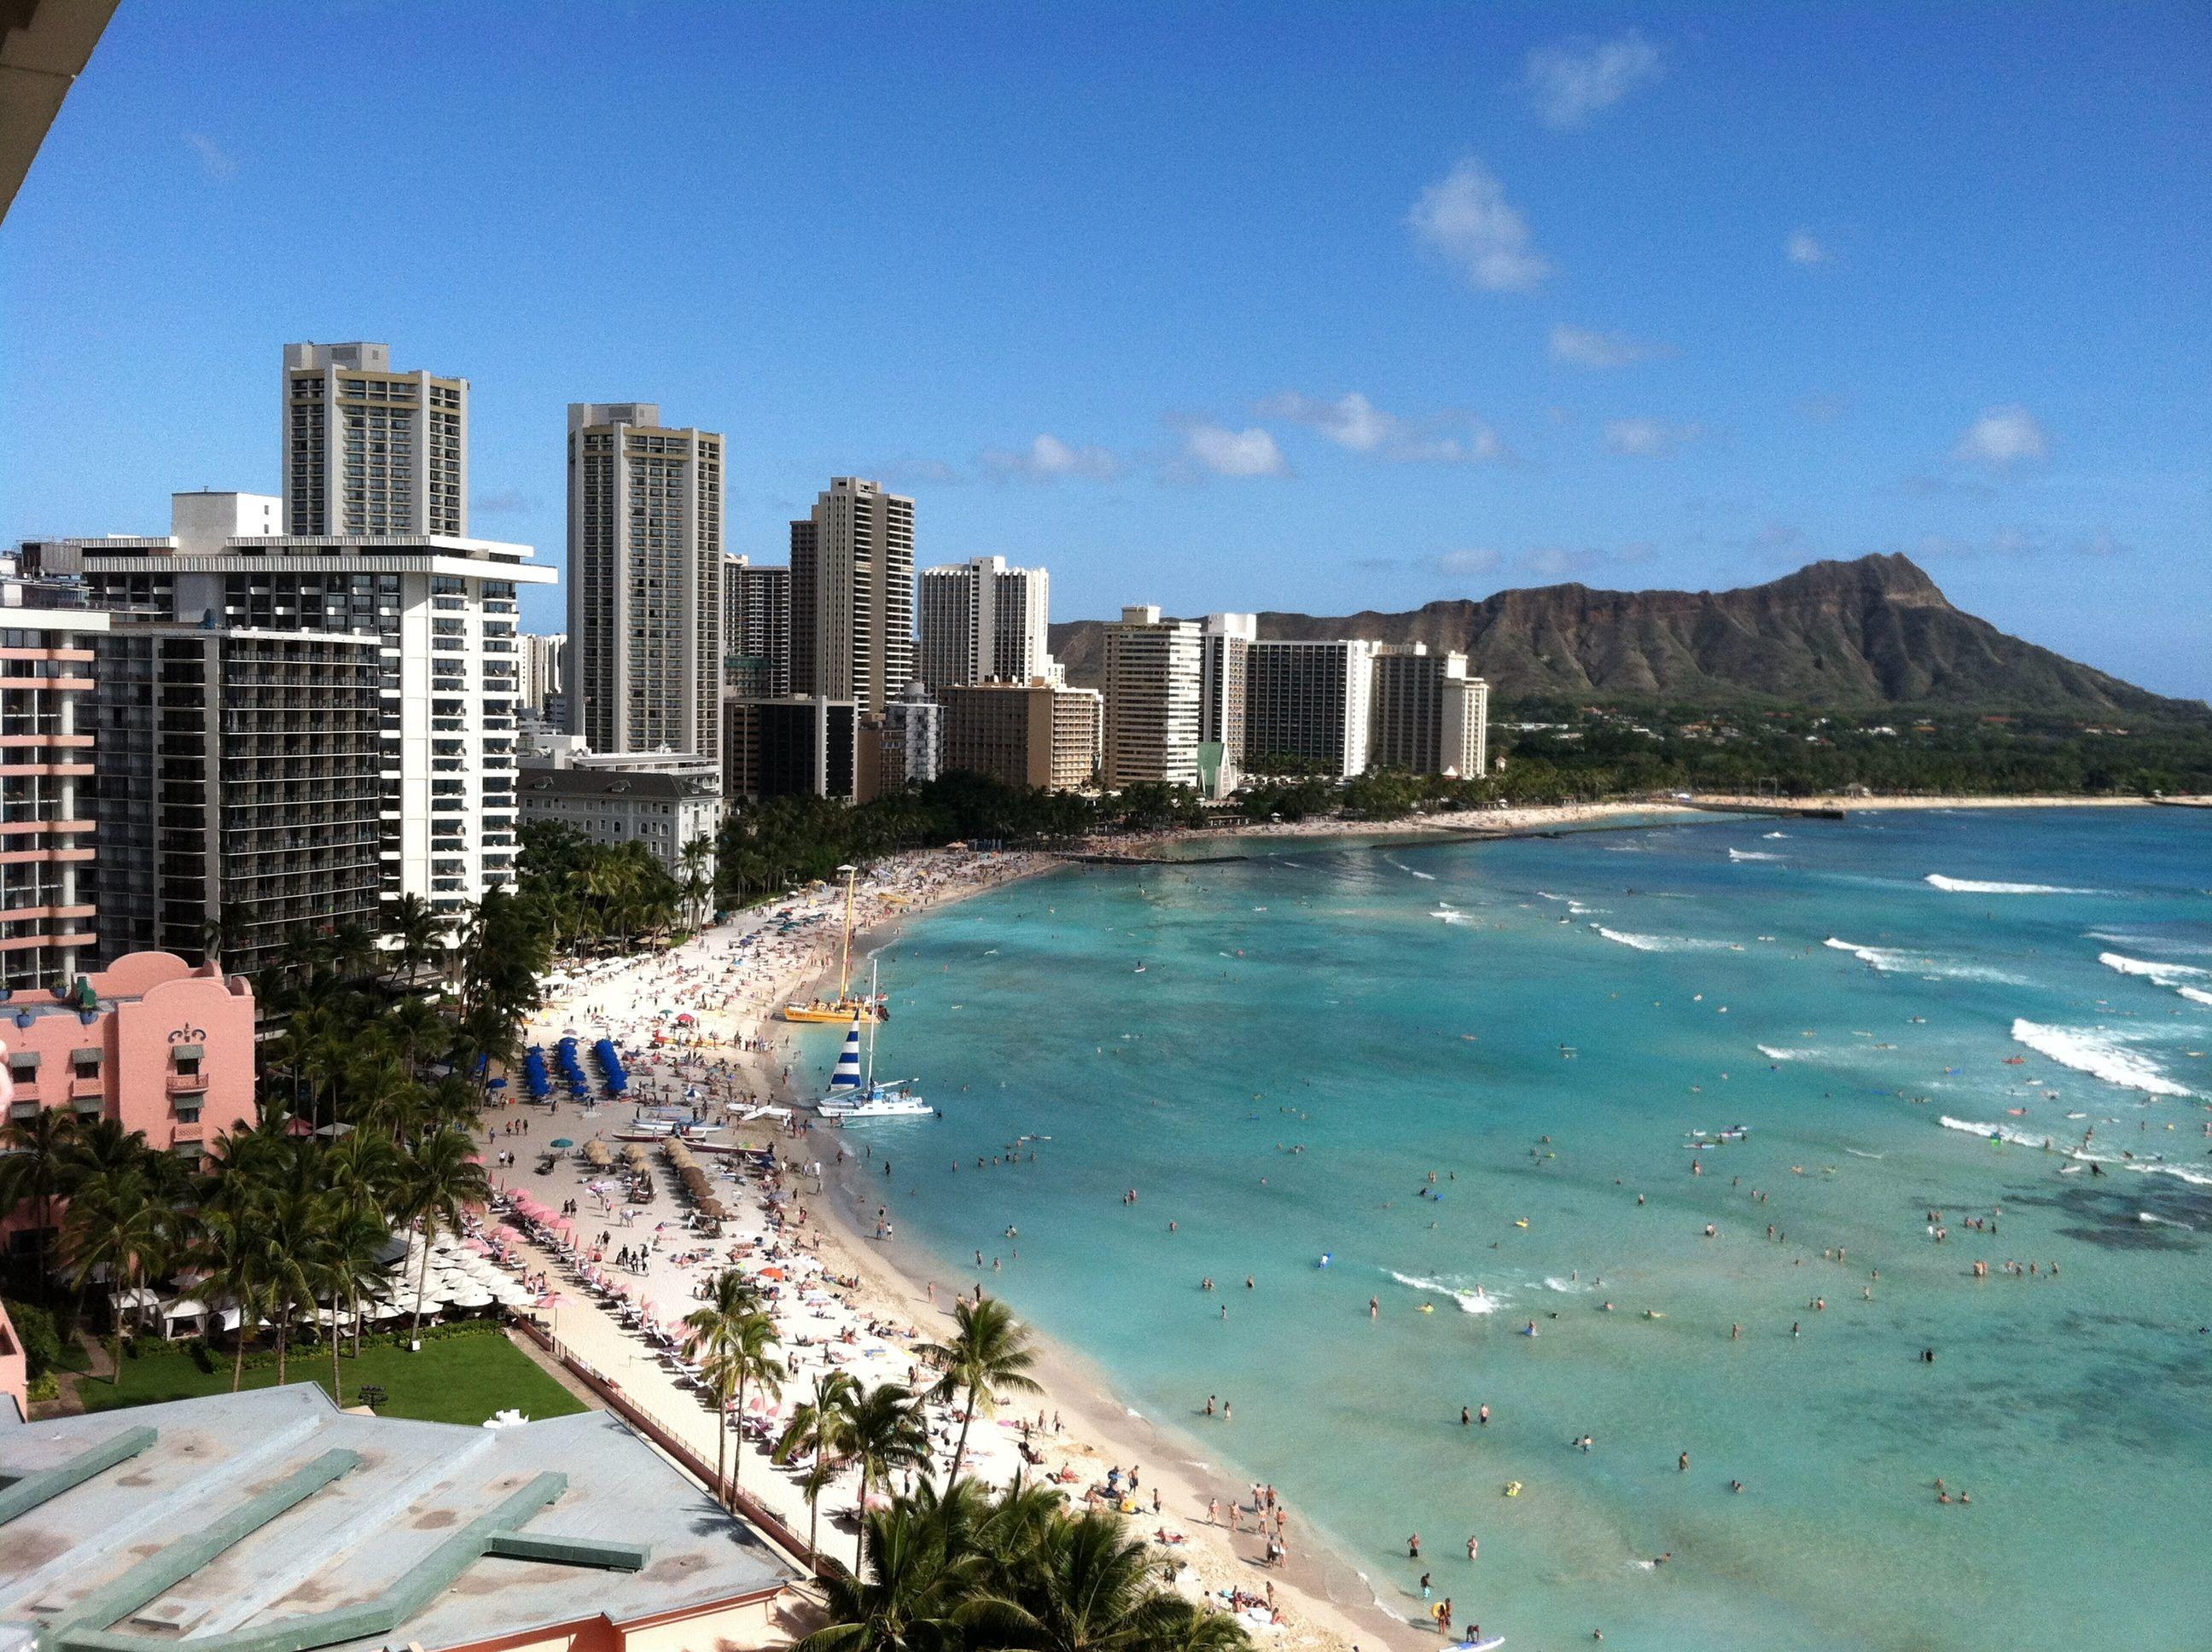 Res: 2592x1936, Waikiki Beach, Hawaii